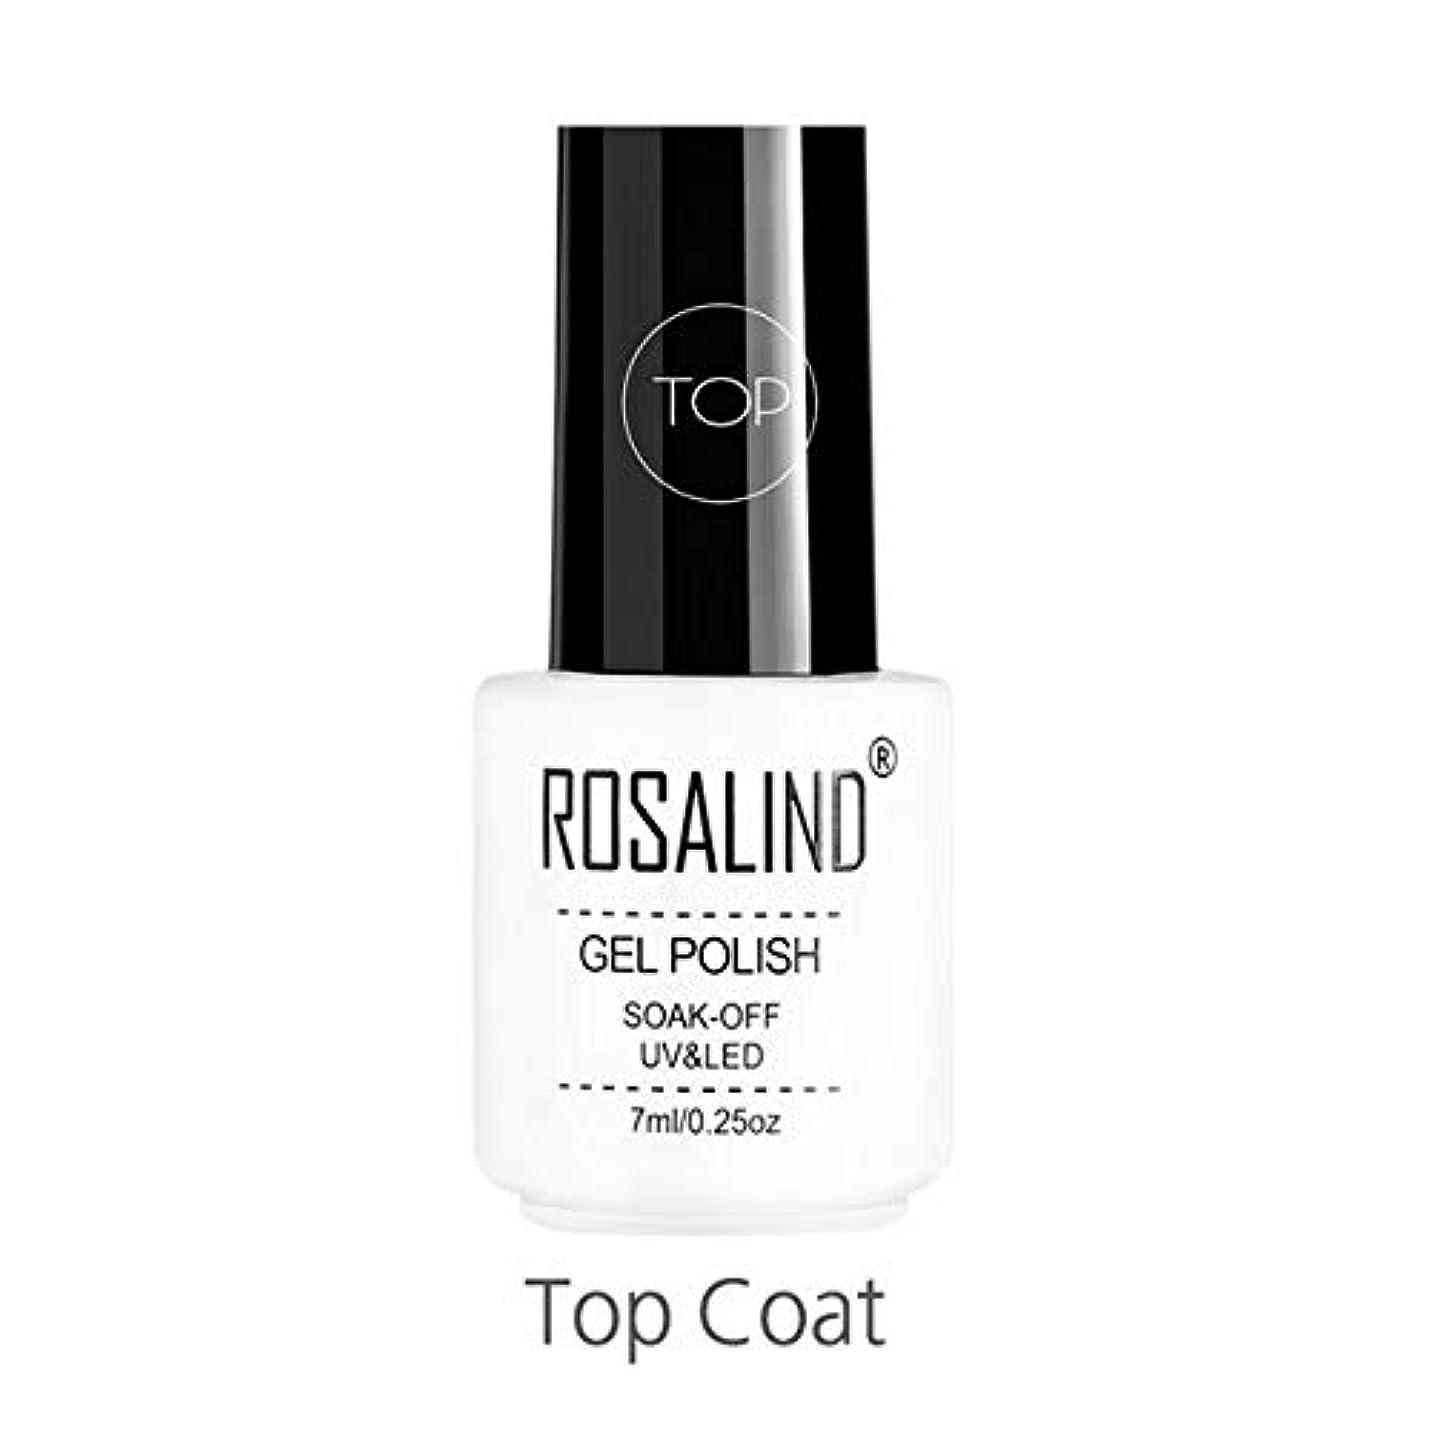 どれか交流する良性ファッションアイテム ROSALINDジェルポリッシュセットUV半永久プライマートップコートポリジェルニスネイルアートマニキュアジェル、容量:7mlトップネイルグルー 環境に優しいマニキュア